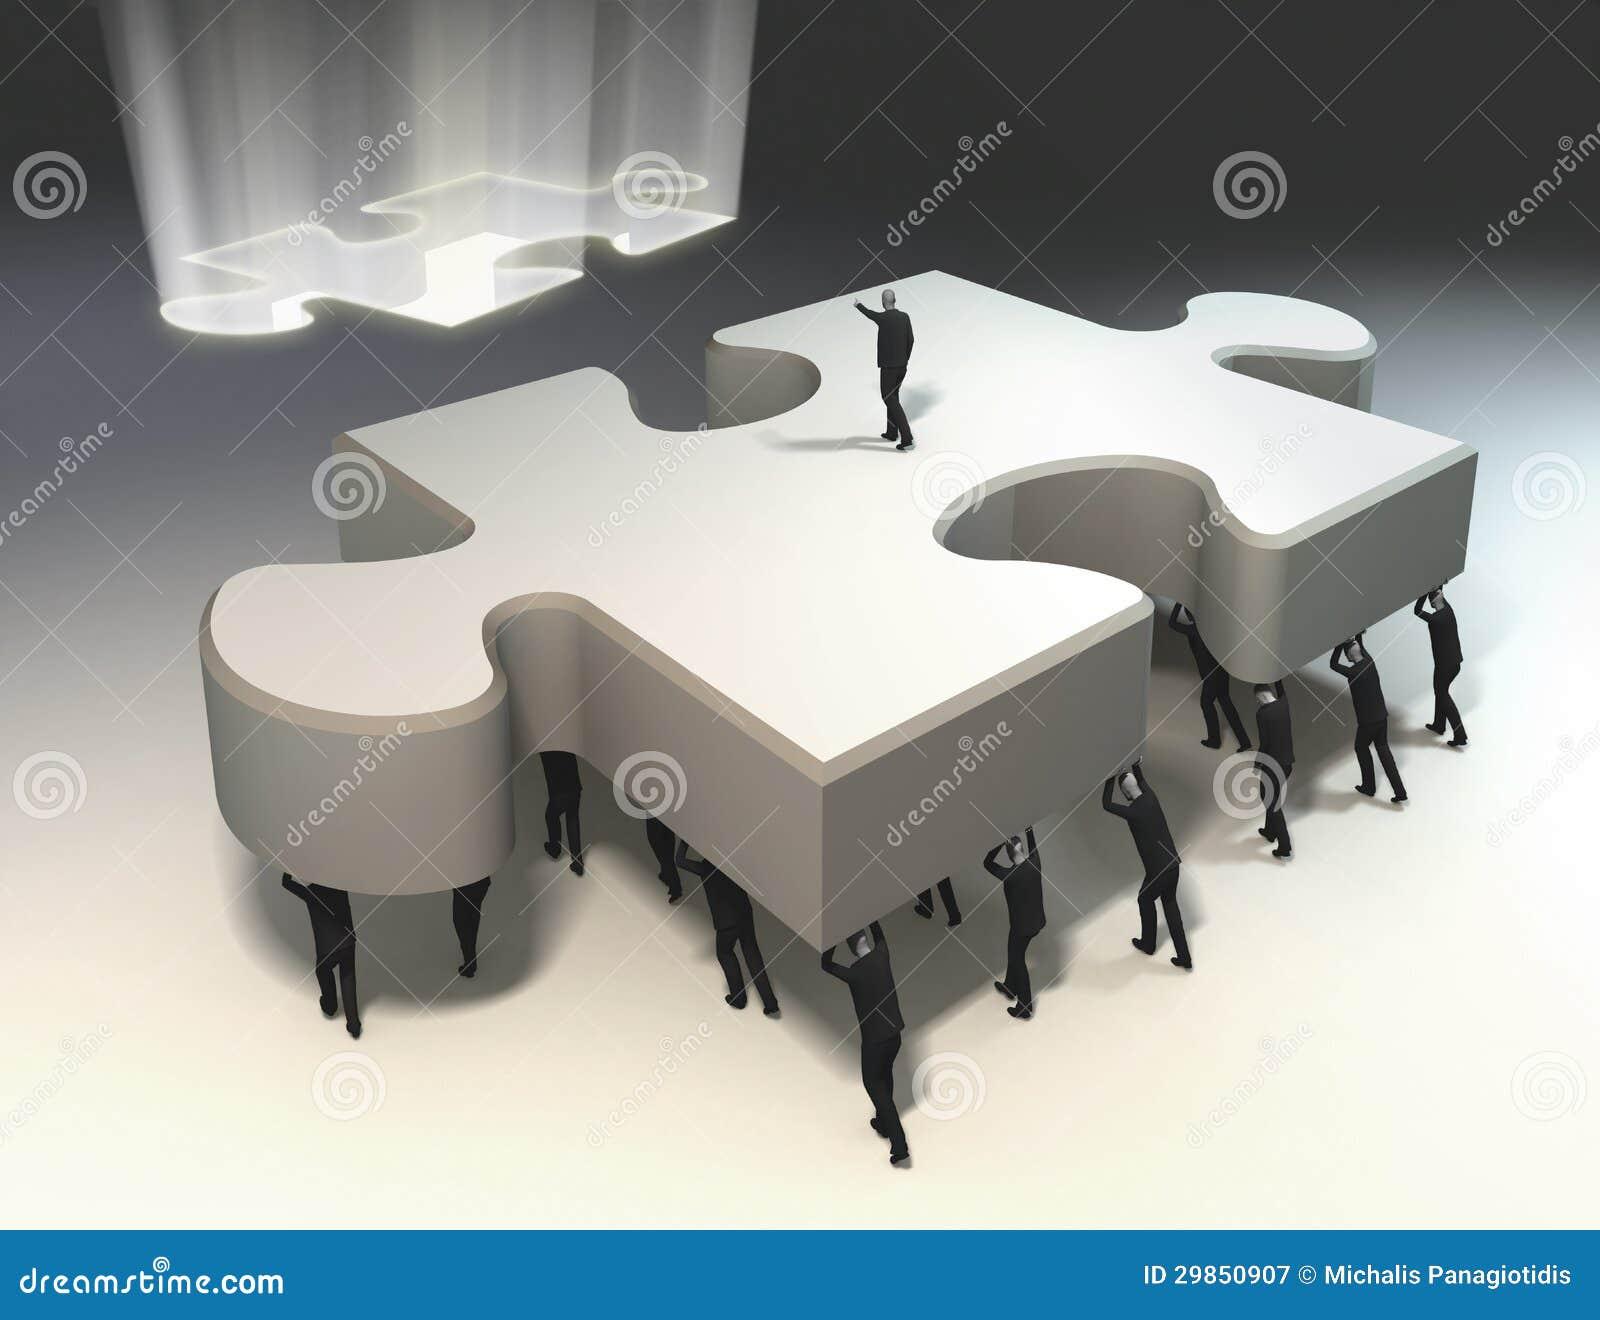 Lavoro di squadra e direzione per il pezzo di puzzle